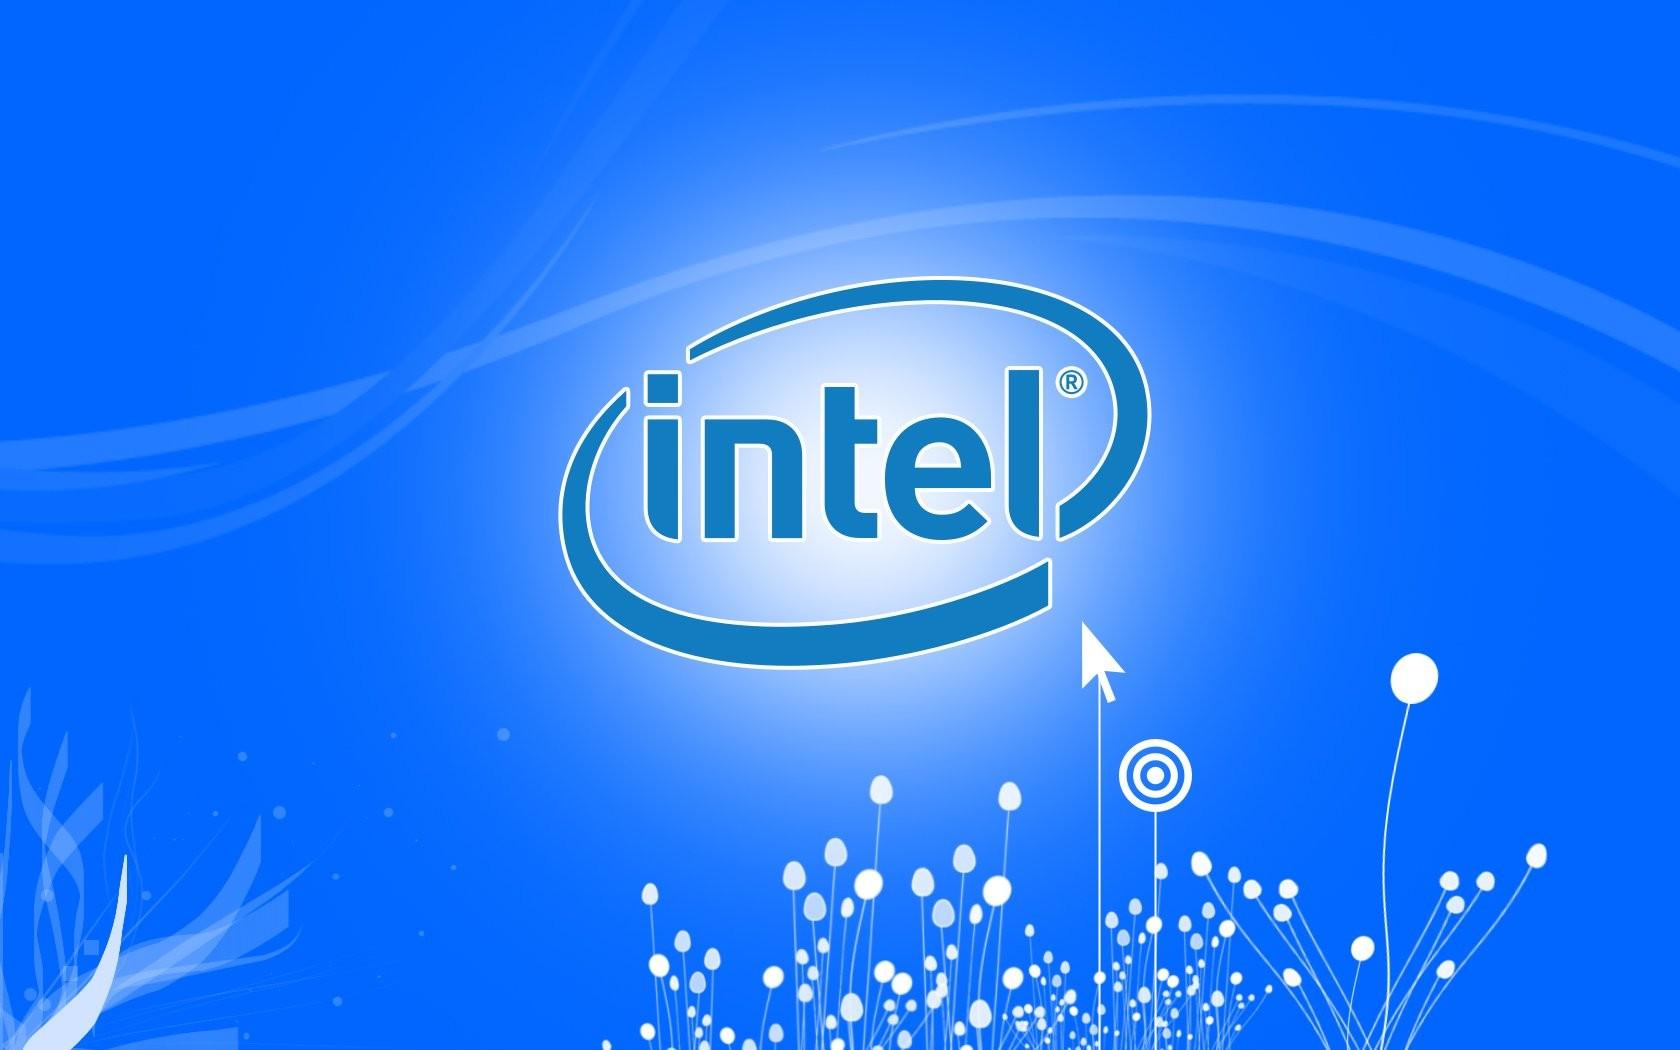 фото intel логотип